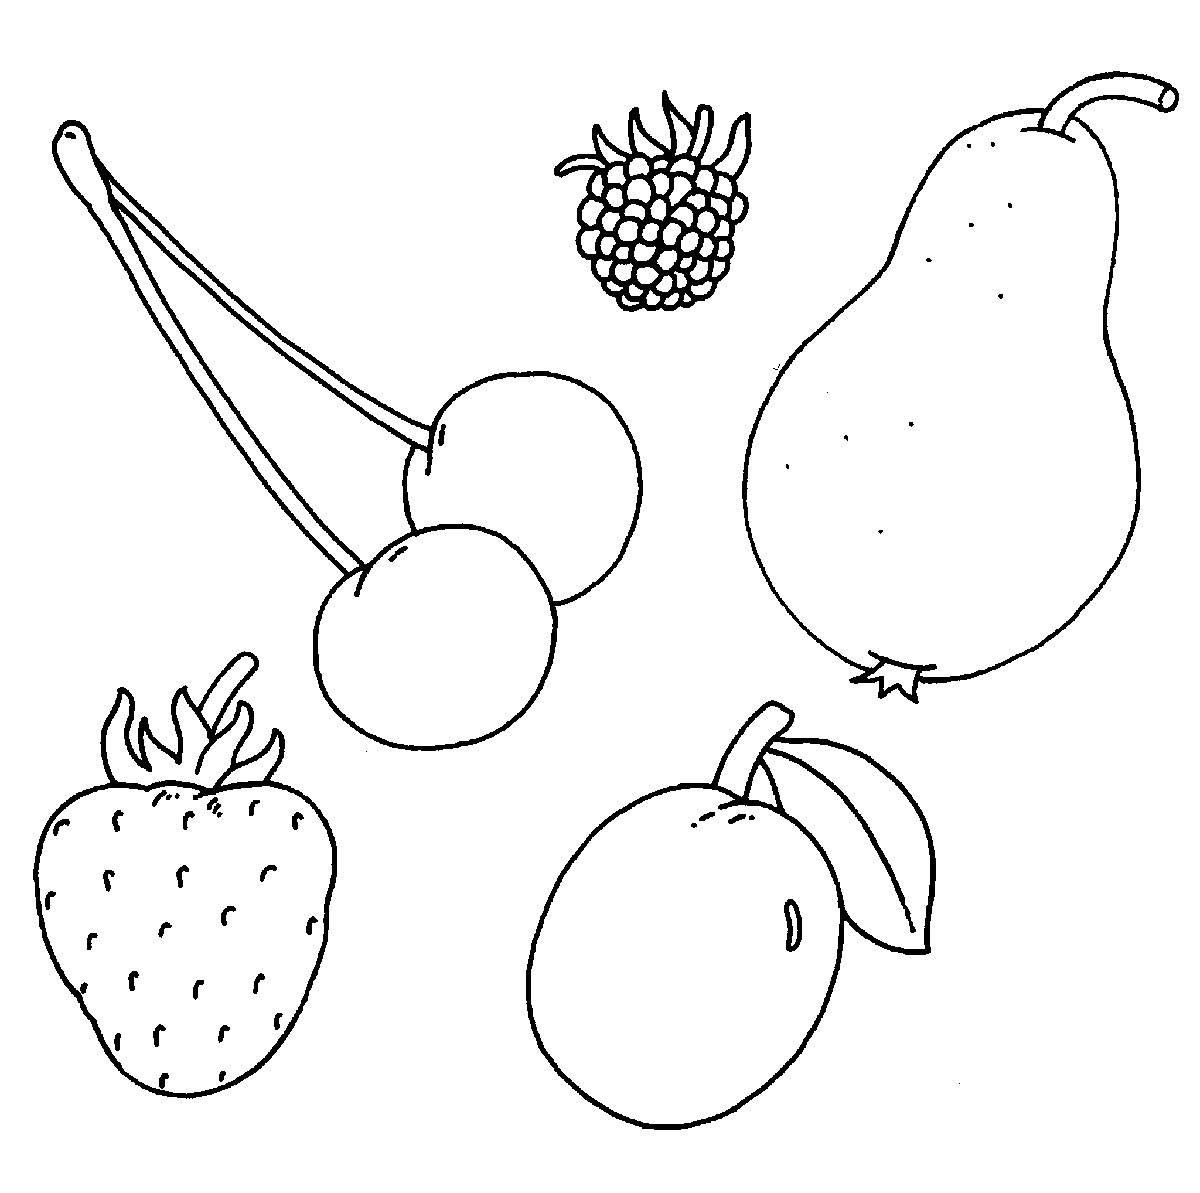 Kostenlose Malvorlage Bauernhof Obst auf dem Bauernhof